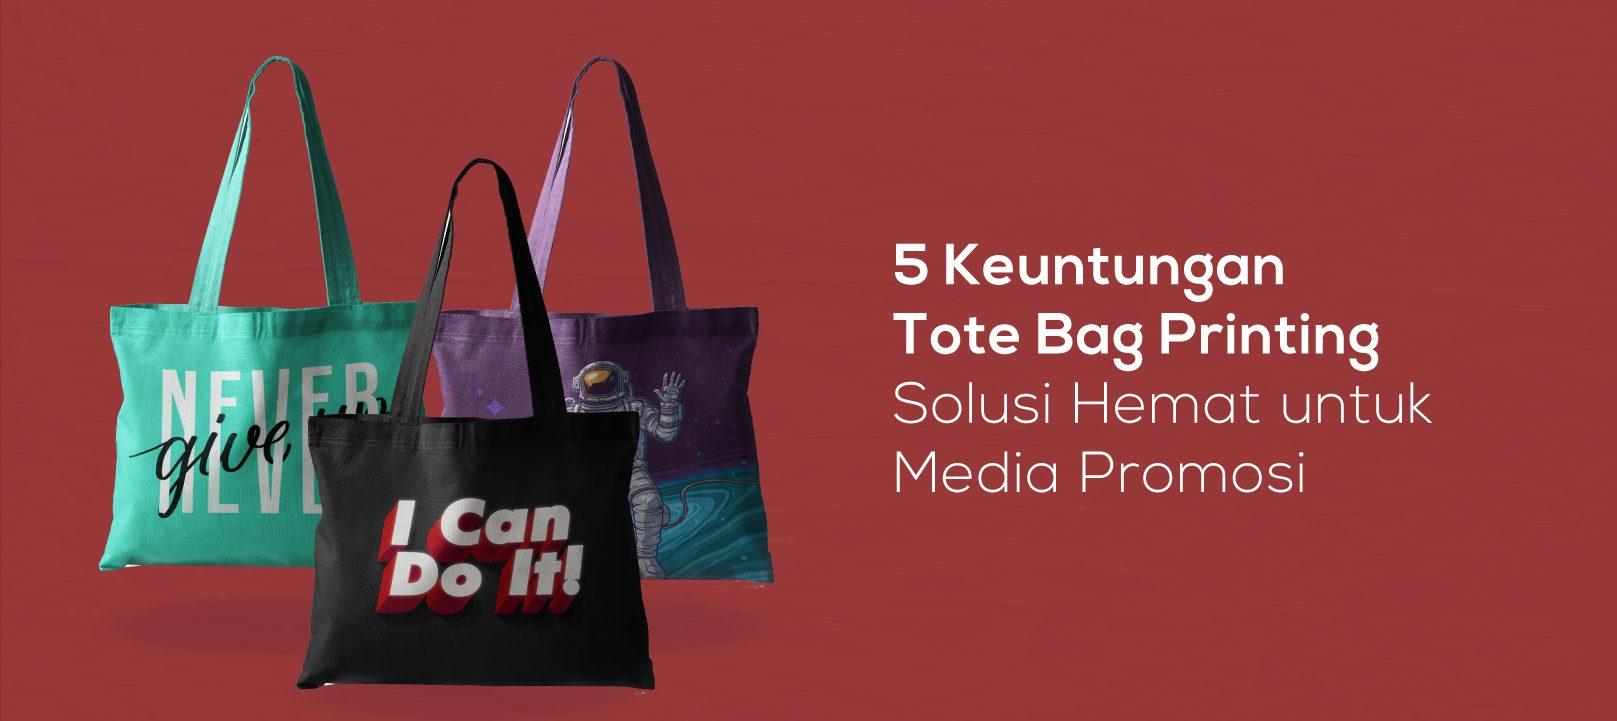 5 Keuntungan Tote Bag Printing, Solusi Hemat untuk Media Promosi